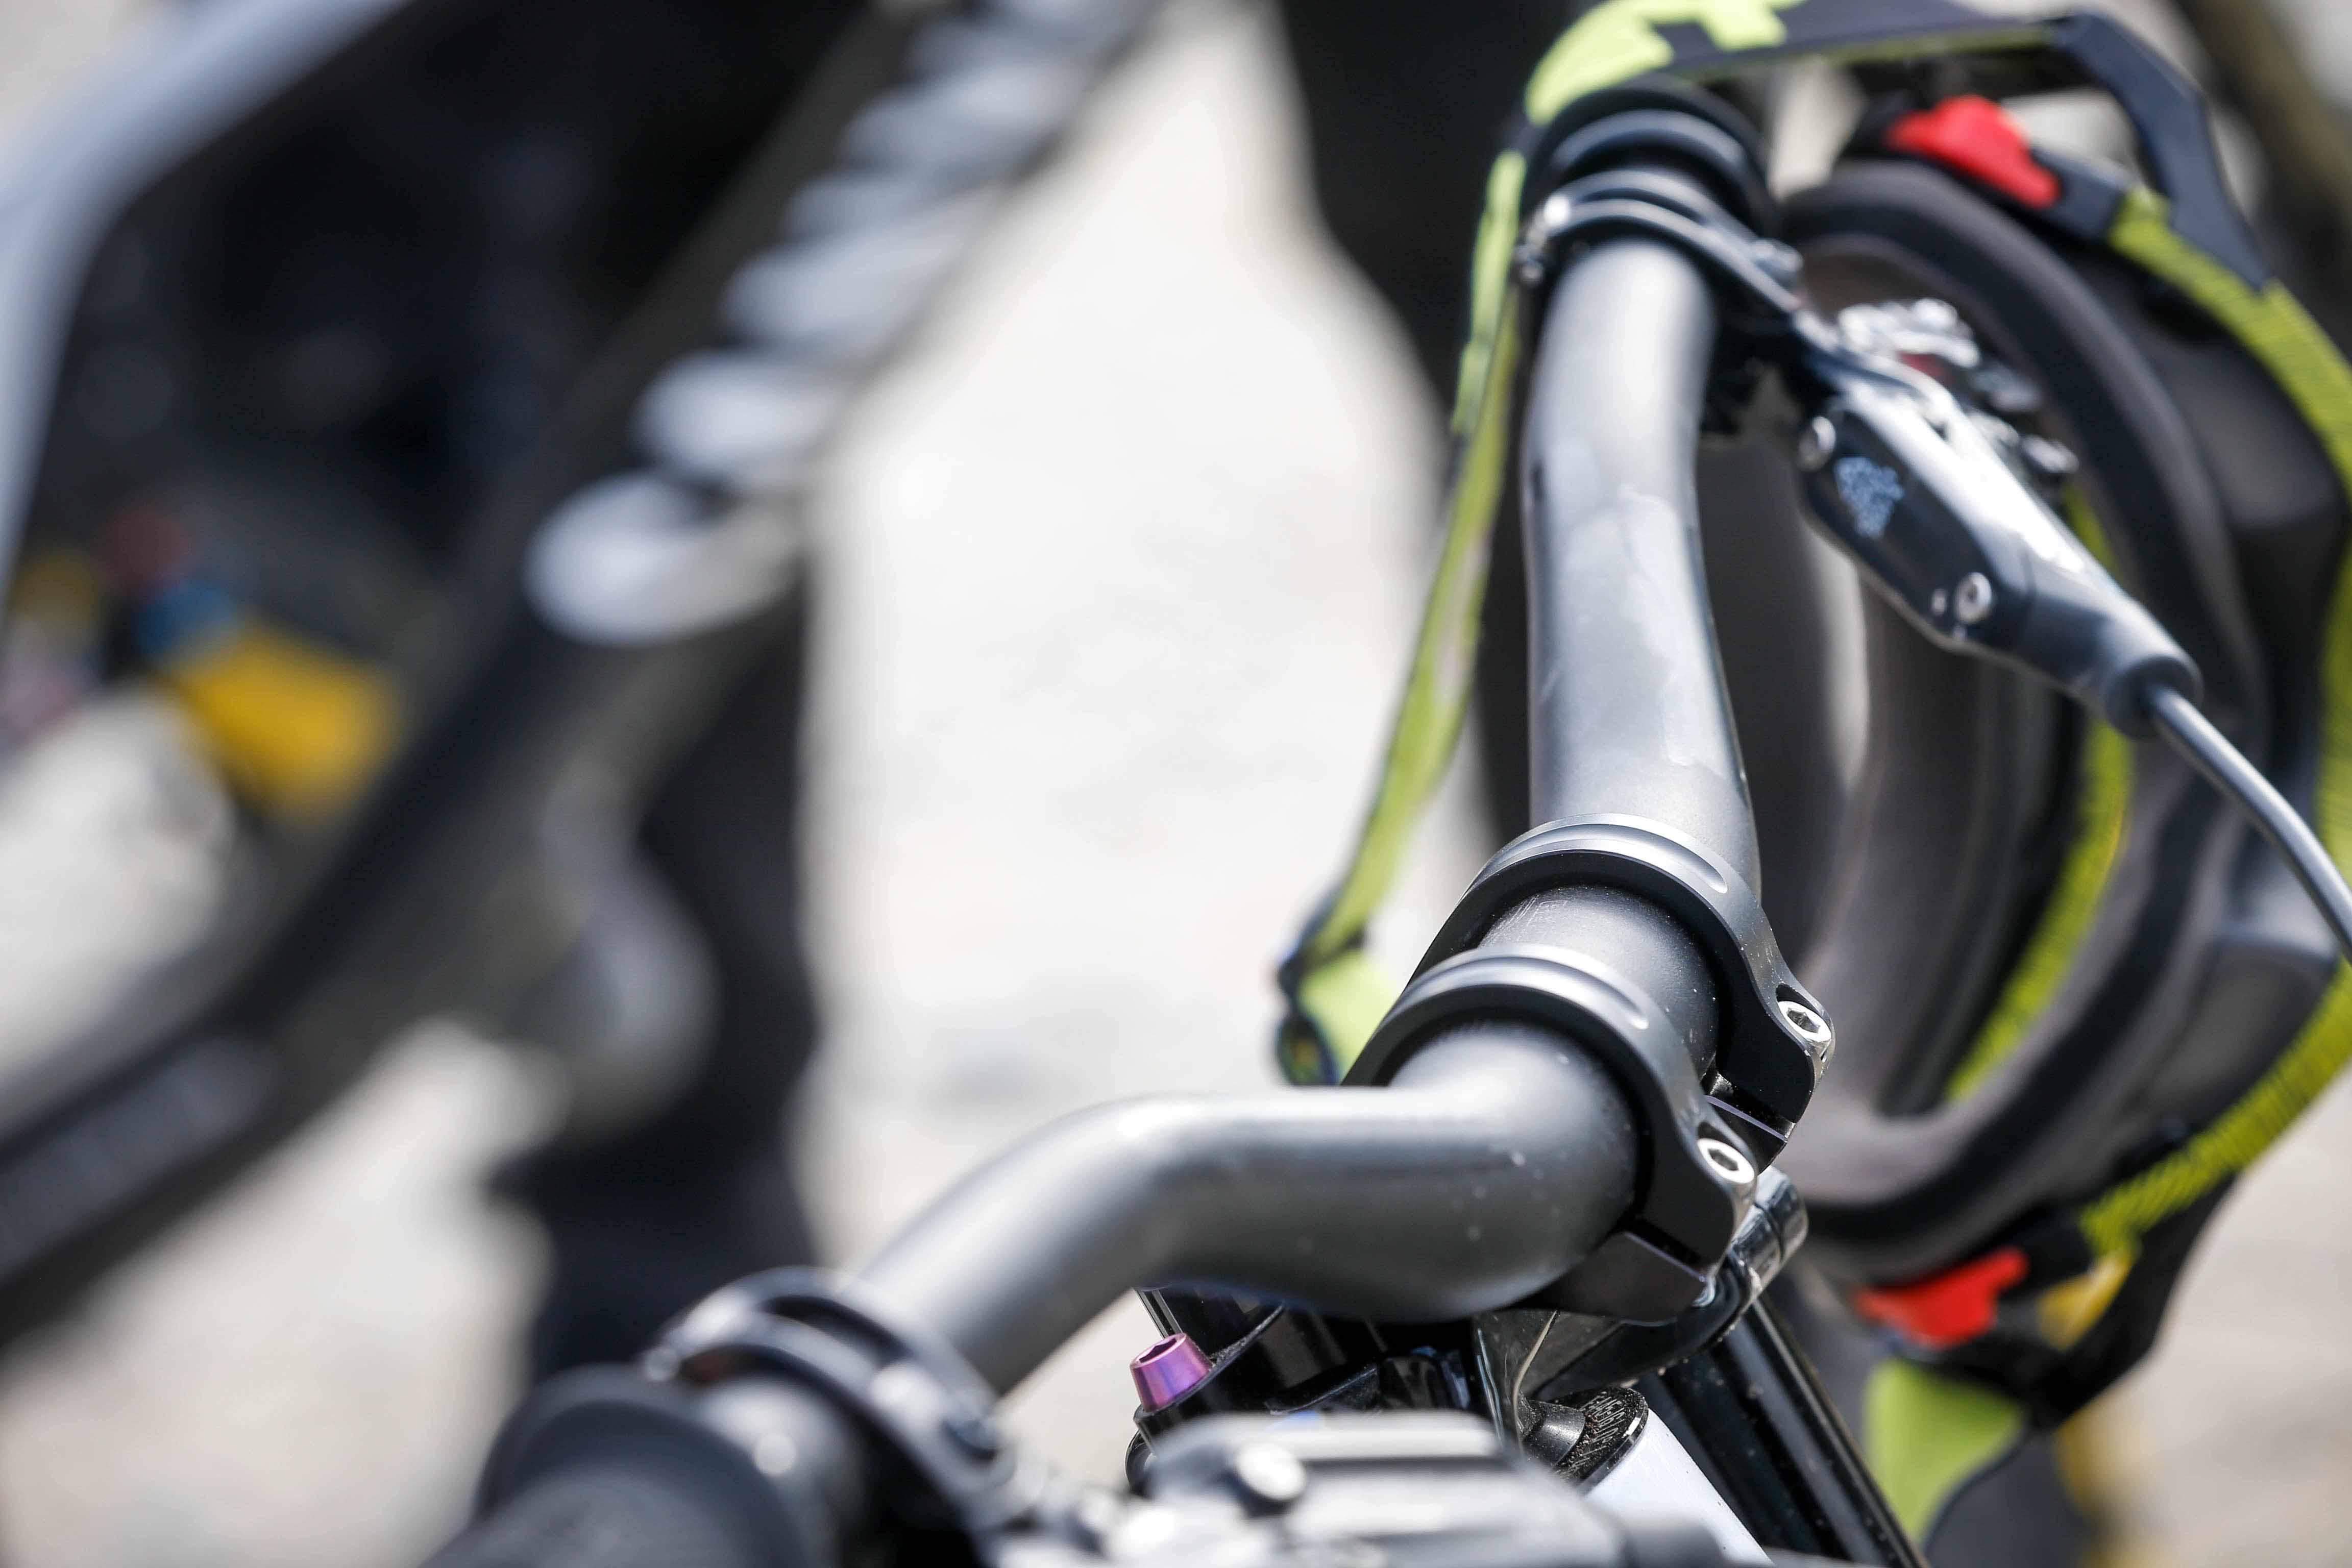 SC50 Carbon Mountain road MTB bike handlebar riser Bar 580-640 Seatpost stem